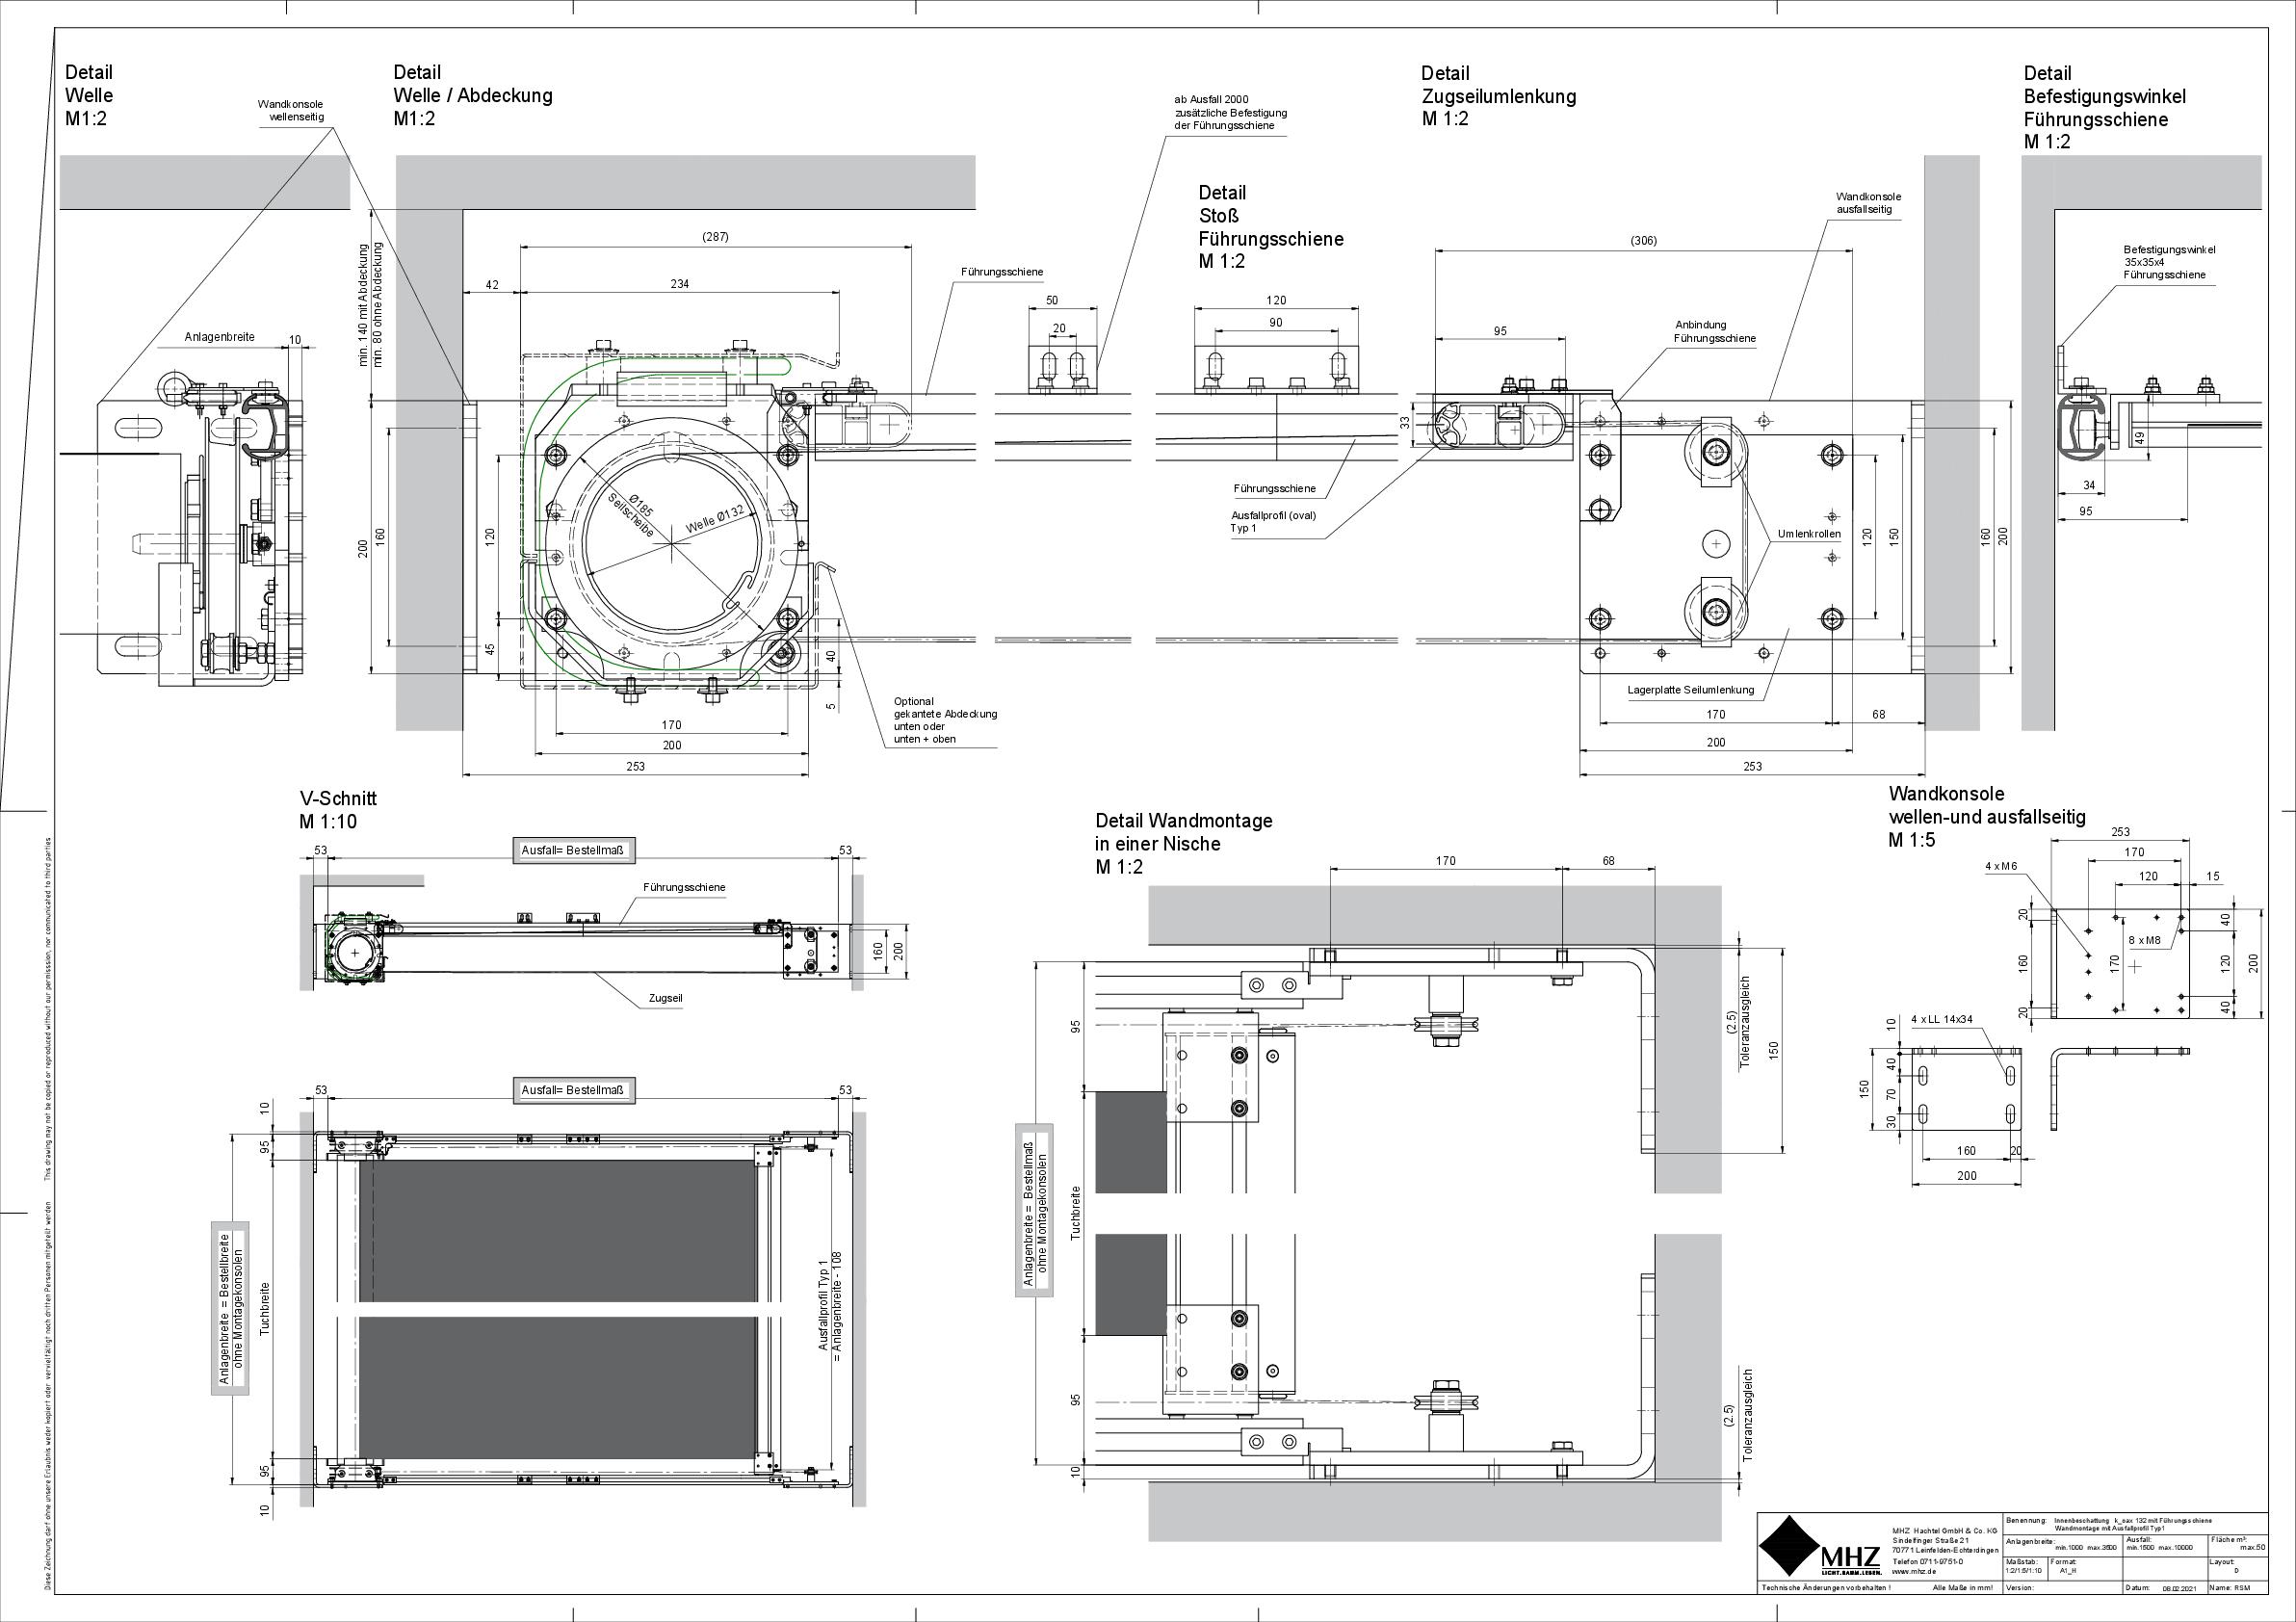 Technische Zeichnung Beschattung k_oax 132 Seilführung (dwg)